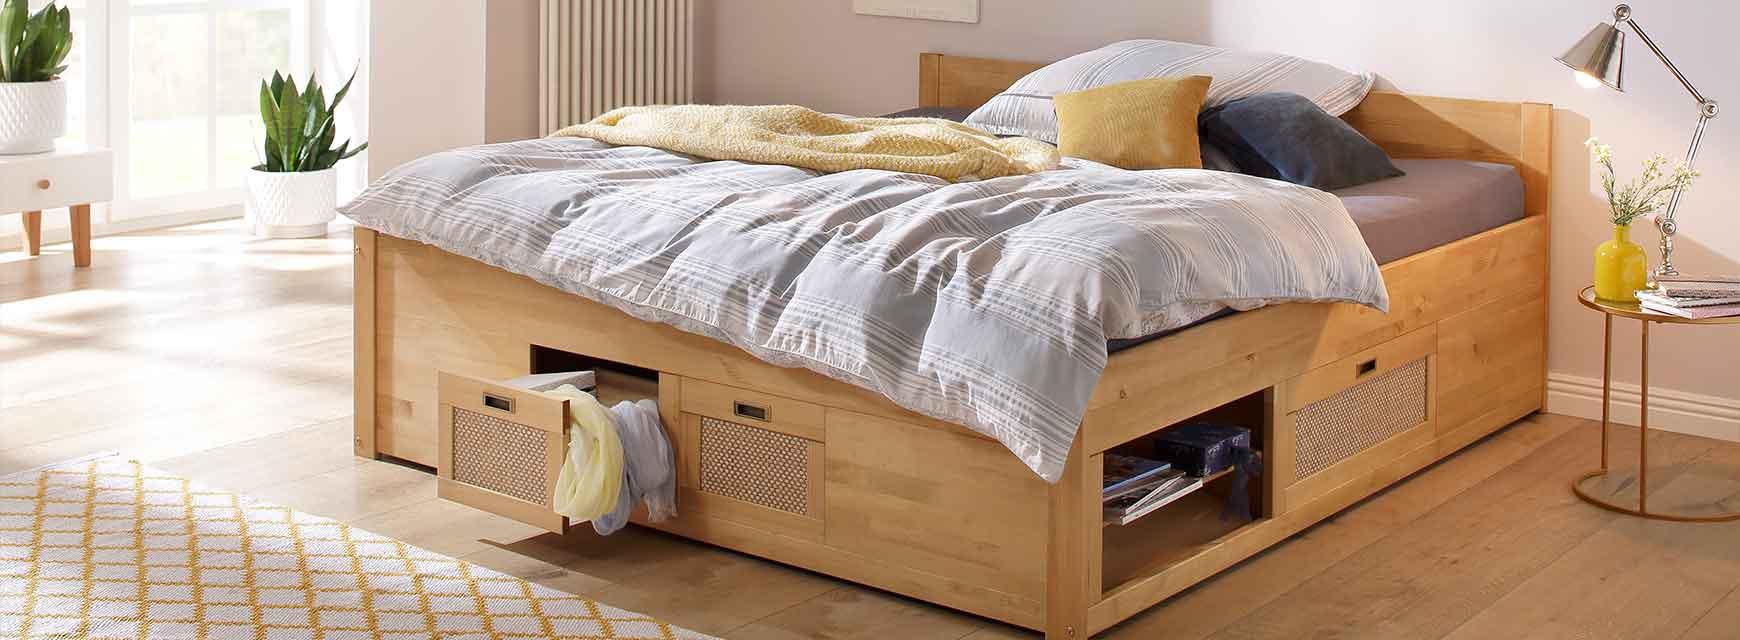 Full Size of Bett Landhausstil Landhaus Online Kaufen Naturloftde Antike Betten Ikea 160x200 Holz München Bei Gebrauchte Außergewöhnliche Möbel Boss überlänge Bett Betten überlänge